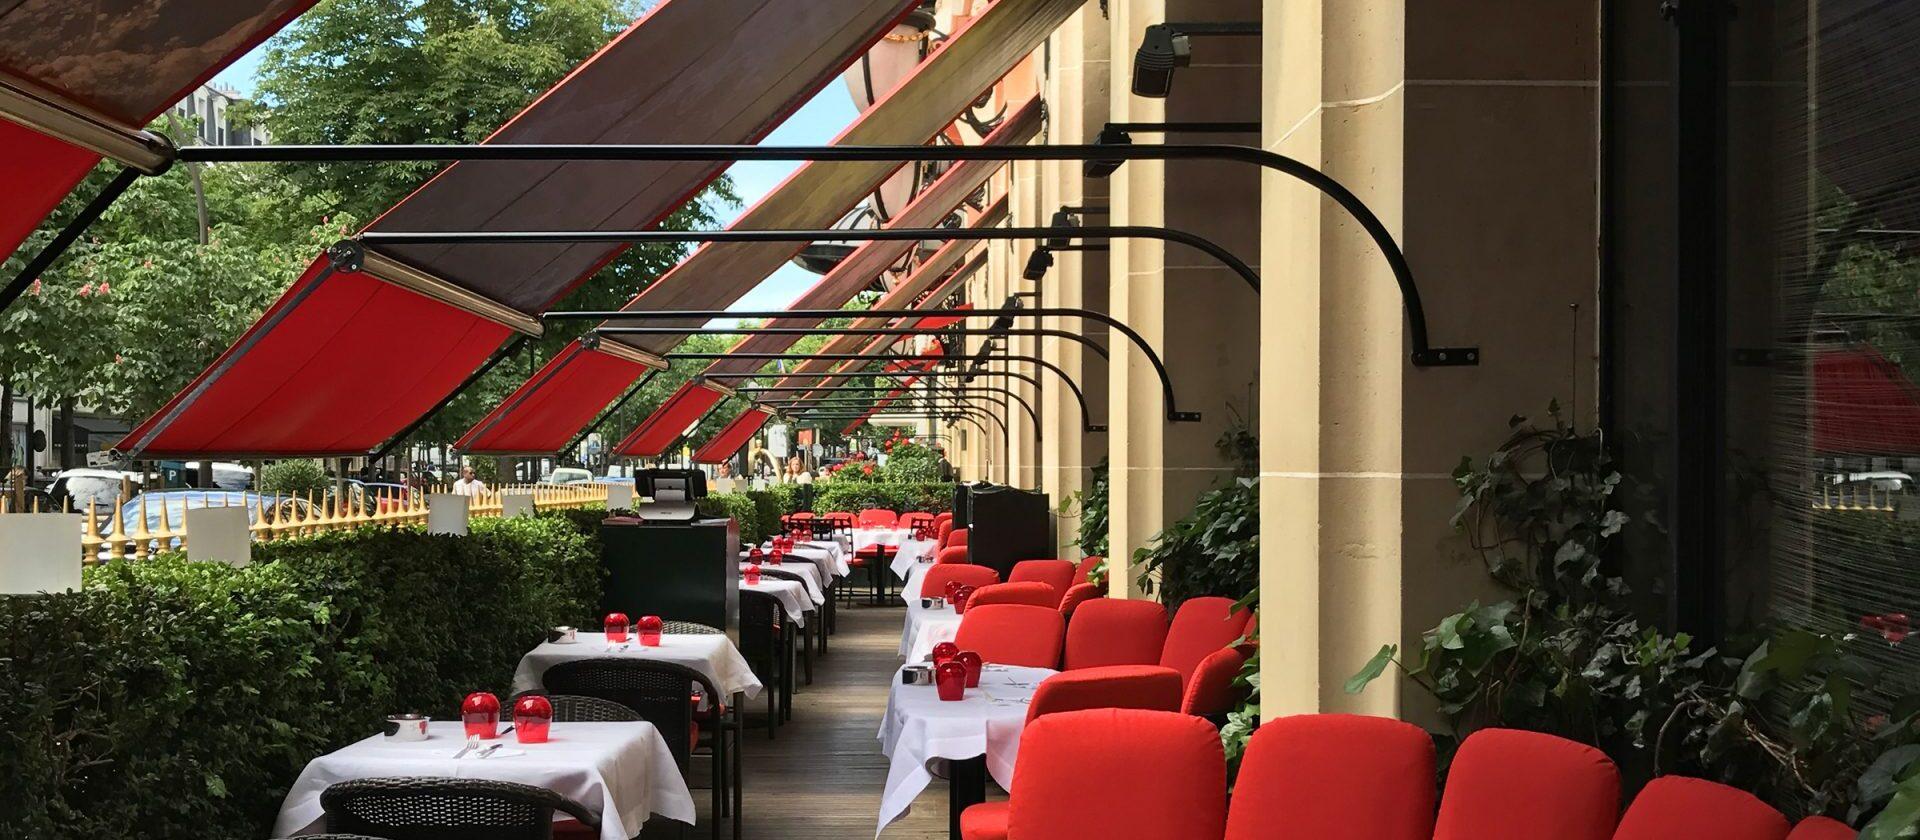 la terrasse montaigne hotel plaza ath n e dorchester collection. Black Bedroom Furniture Sets. Home Design Ideas